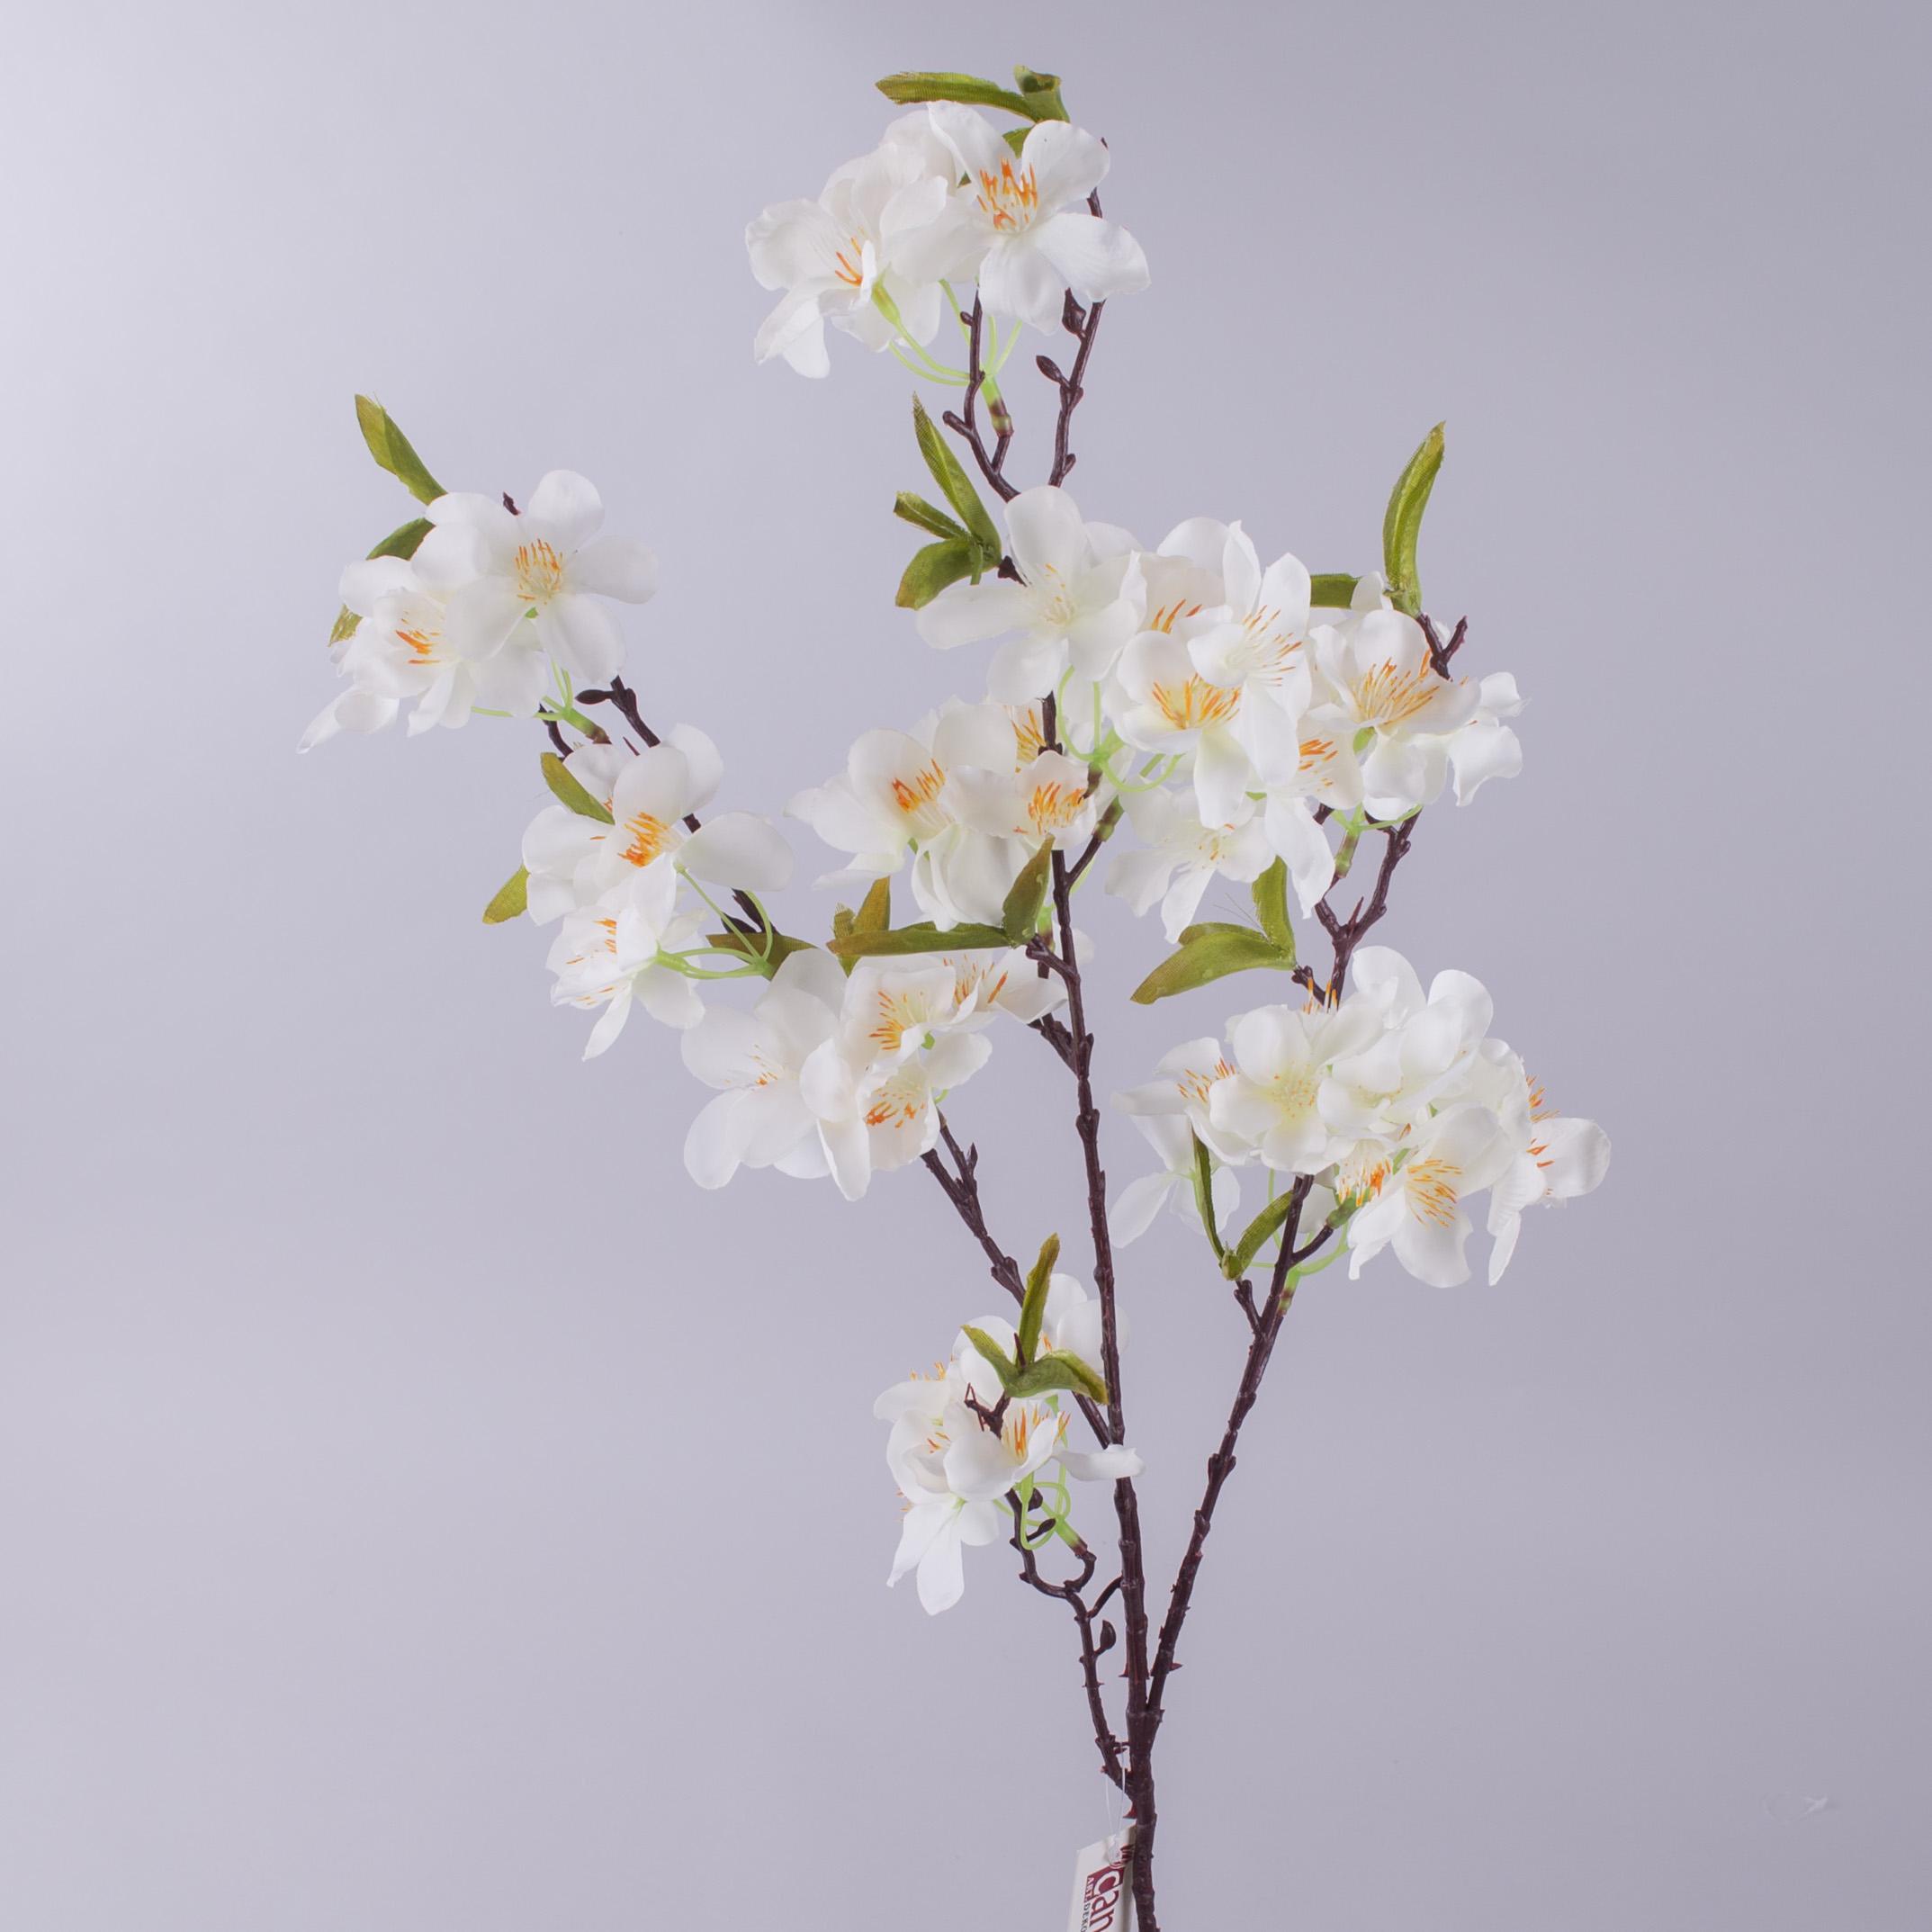 цвет яблони белый